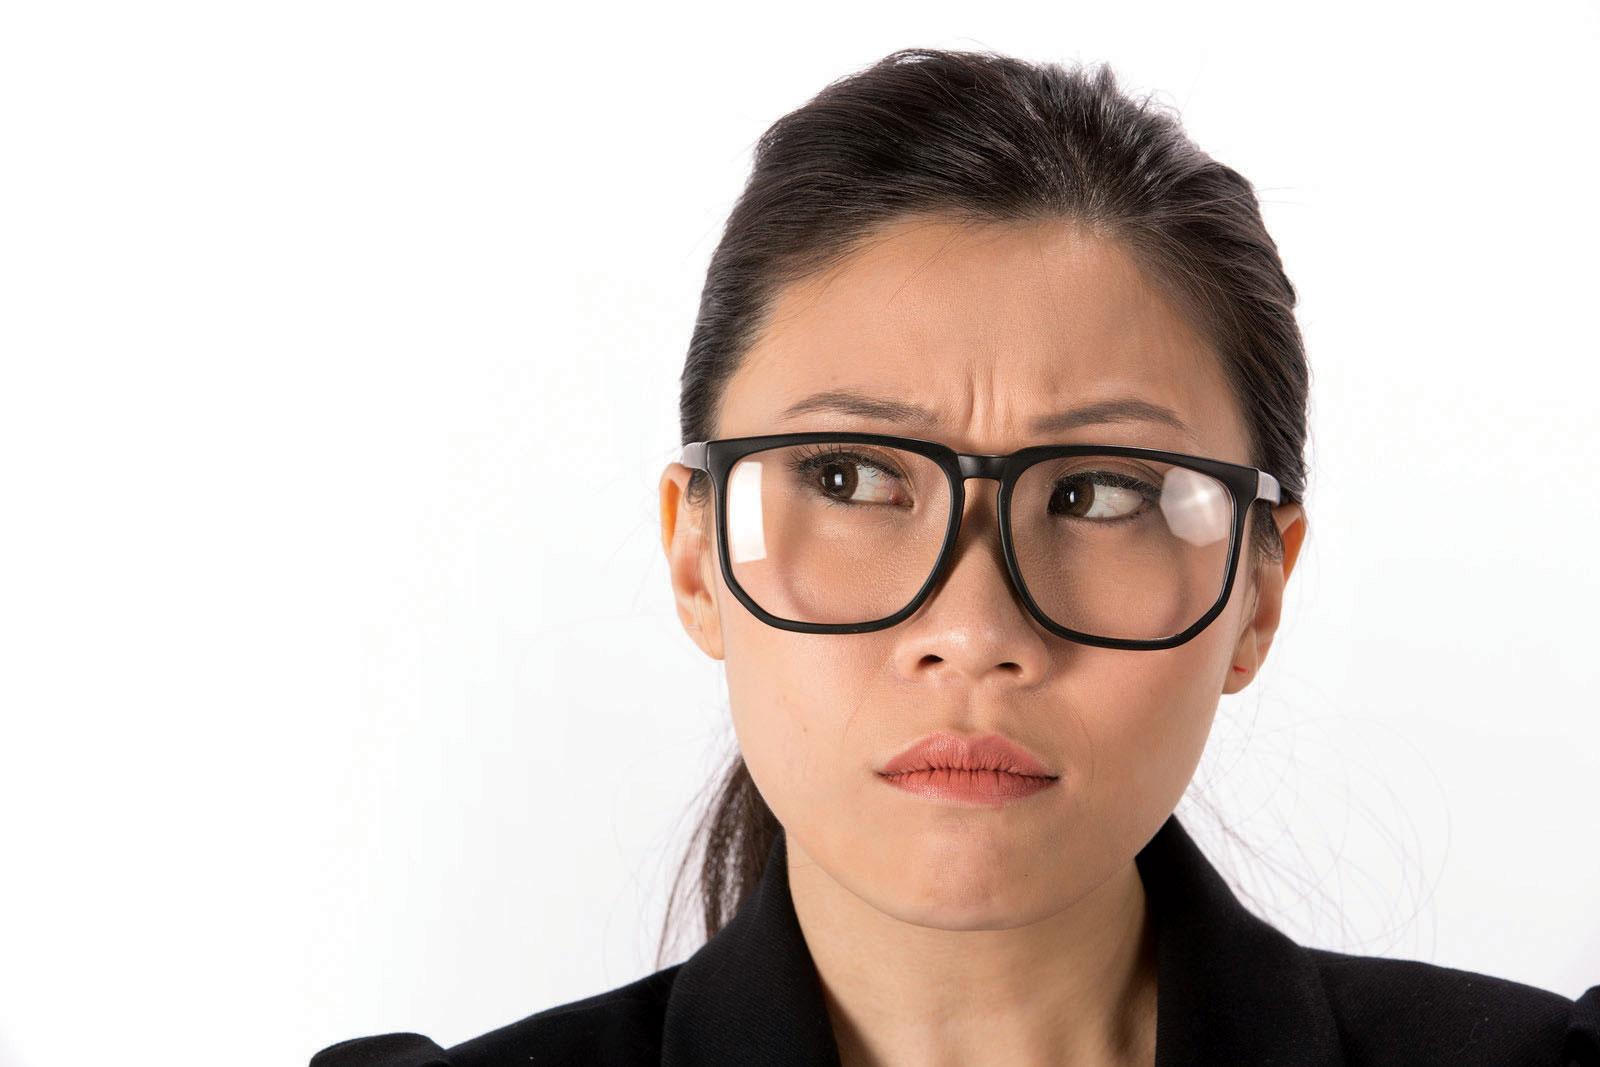 woman looking perplexed in glasses